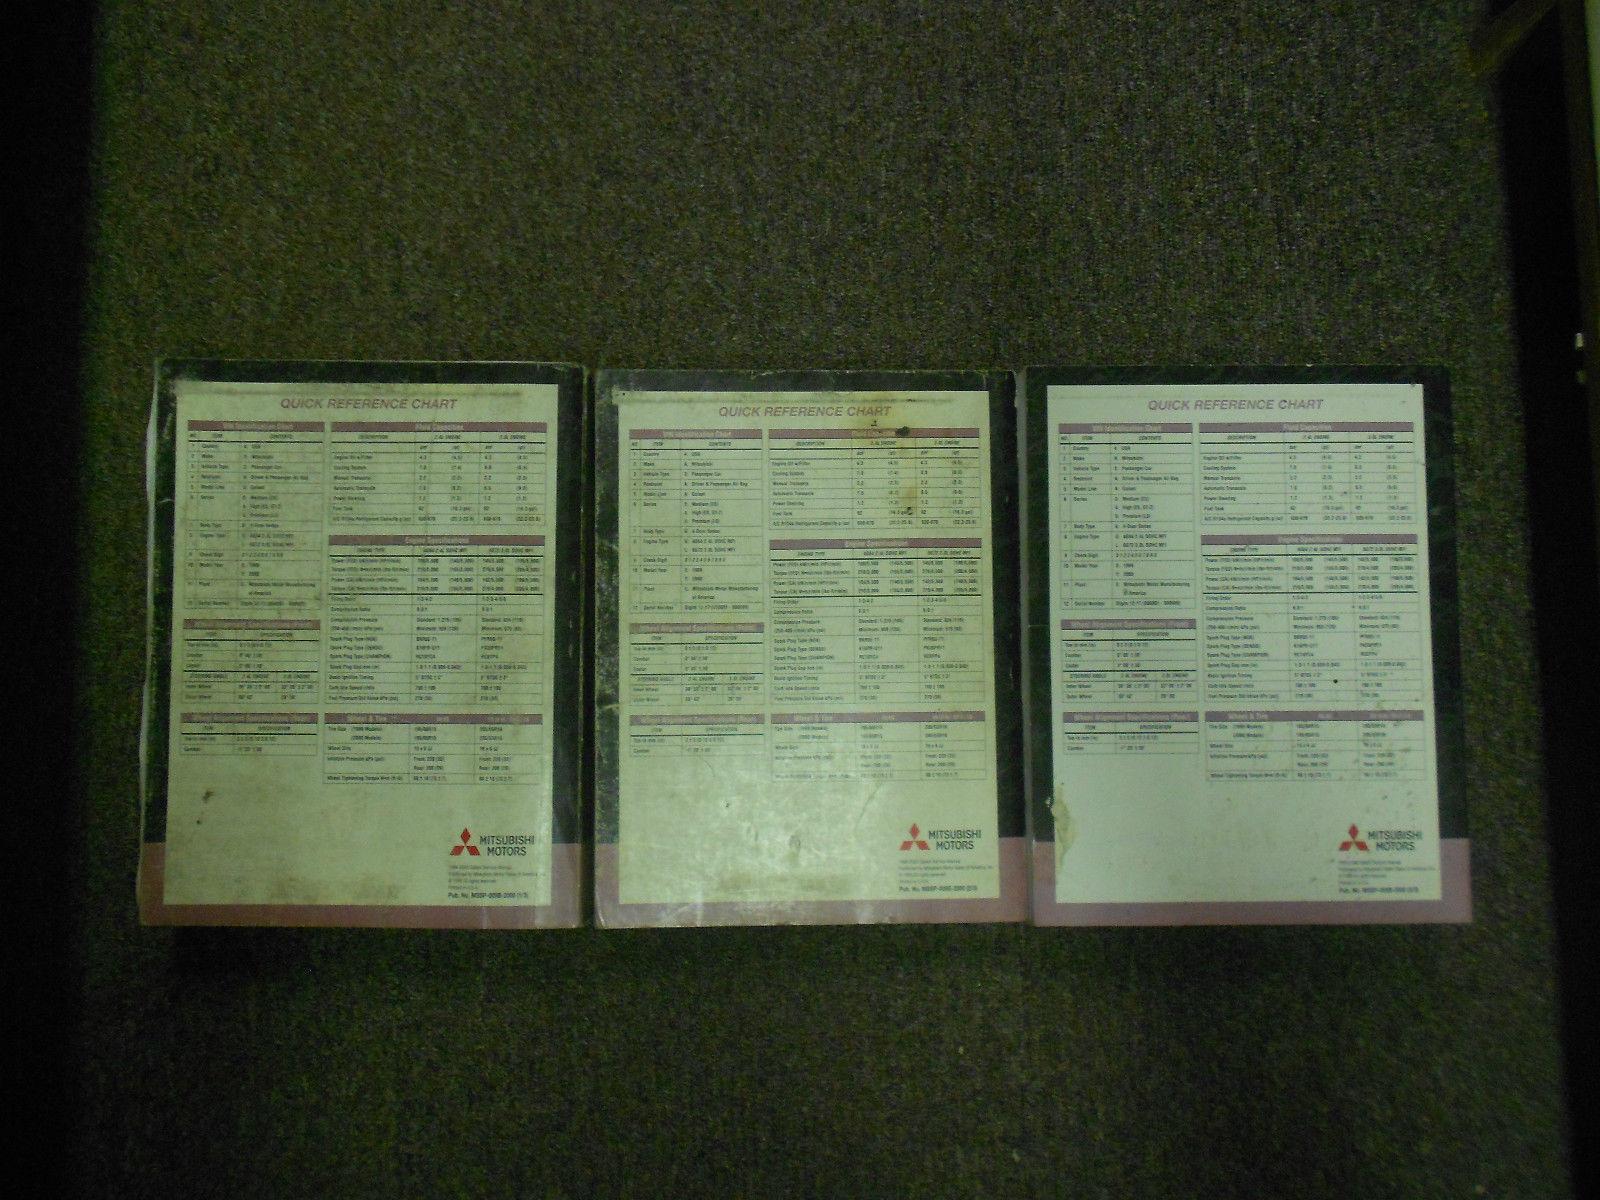 1999 2000 MITSUBISHI GALANT Service Shop Manual SET OEM DEALERSHIP BOOKS 1st EDI image 12